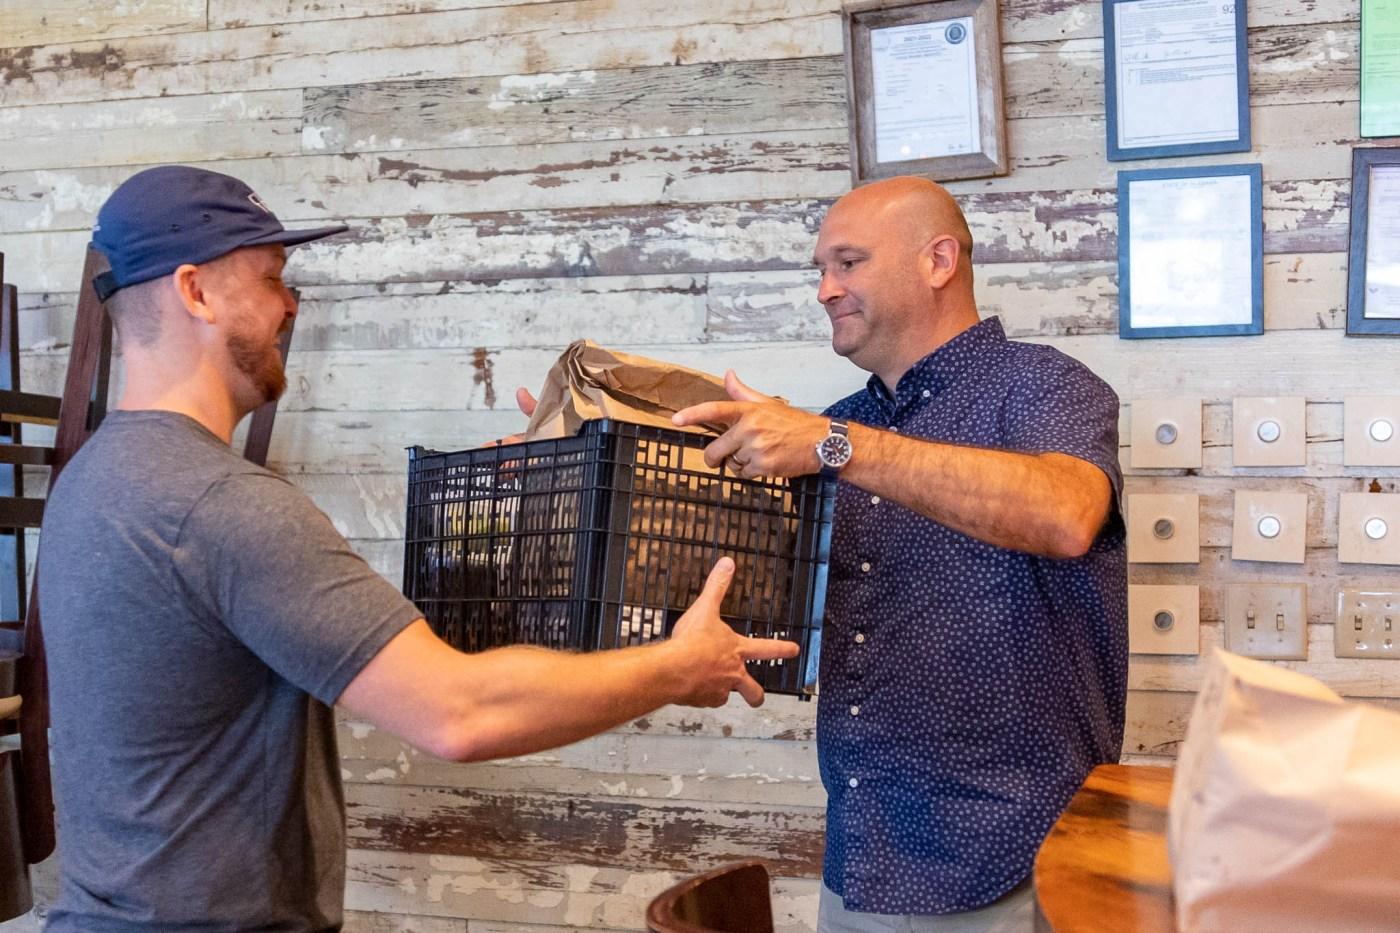 Little Donkey founder handing catering order to Brett Ables